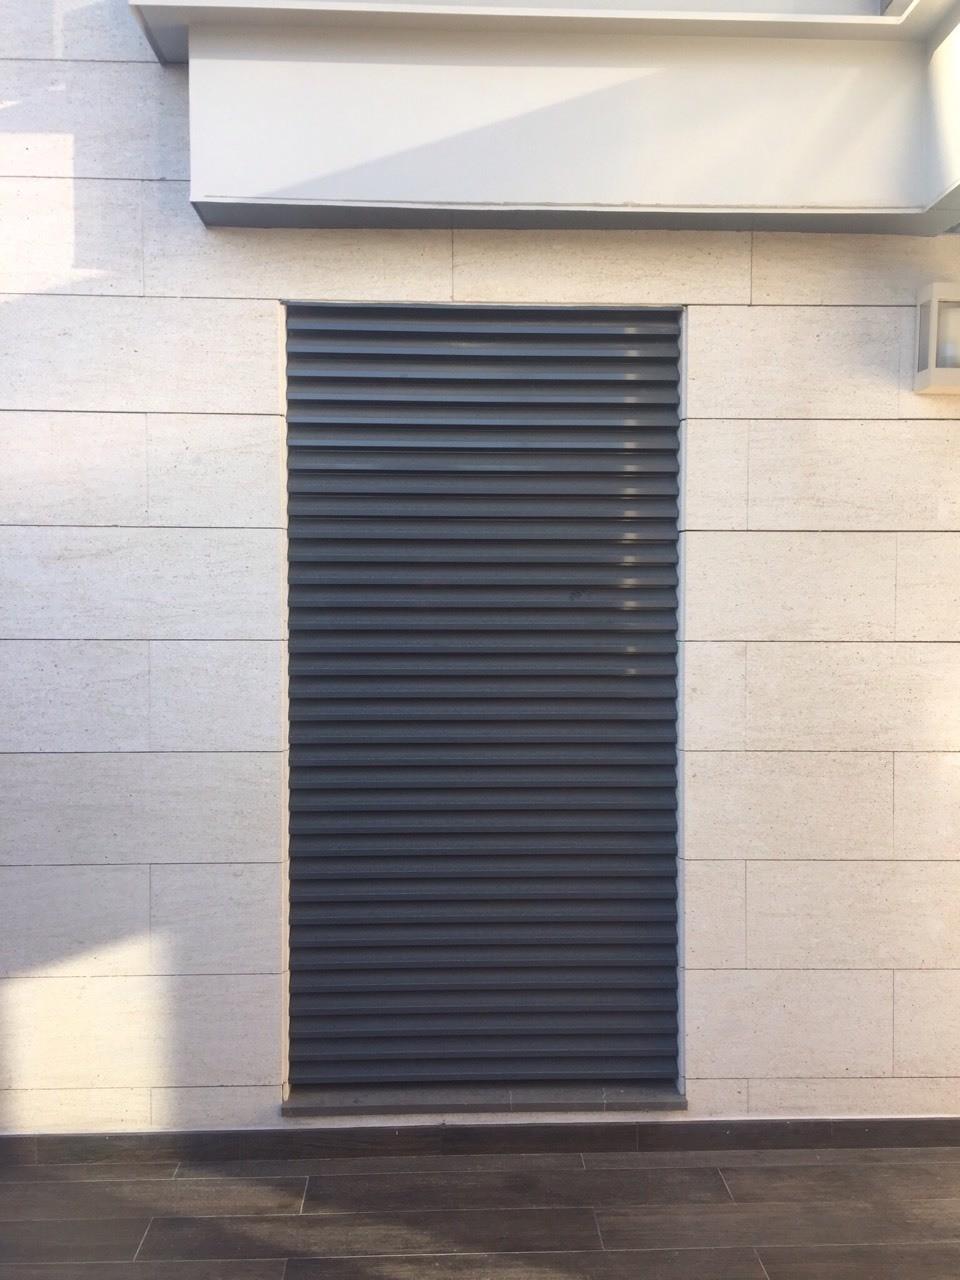 Nueva instalación en Aravaca, Madrid Pequeño jardín vertical en un jardín privado. Doble funcionalidad, aislamiento térmico de la cocina y selección de especies culinarias para el uso doméstico